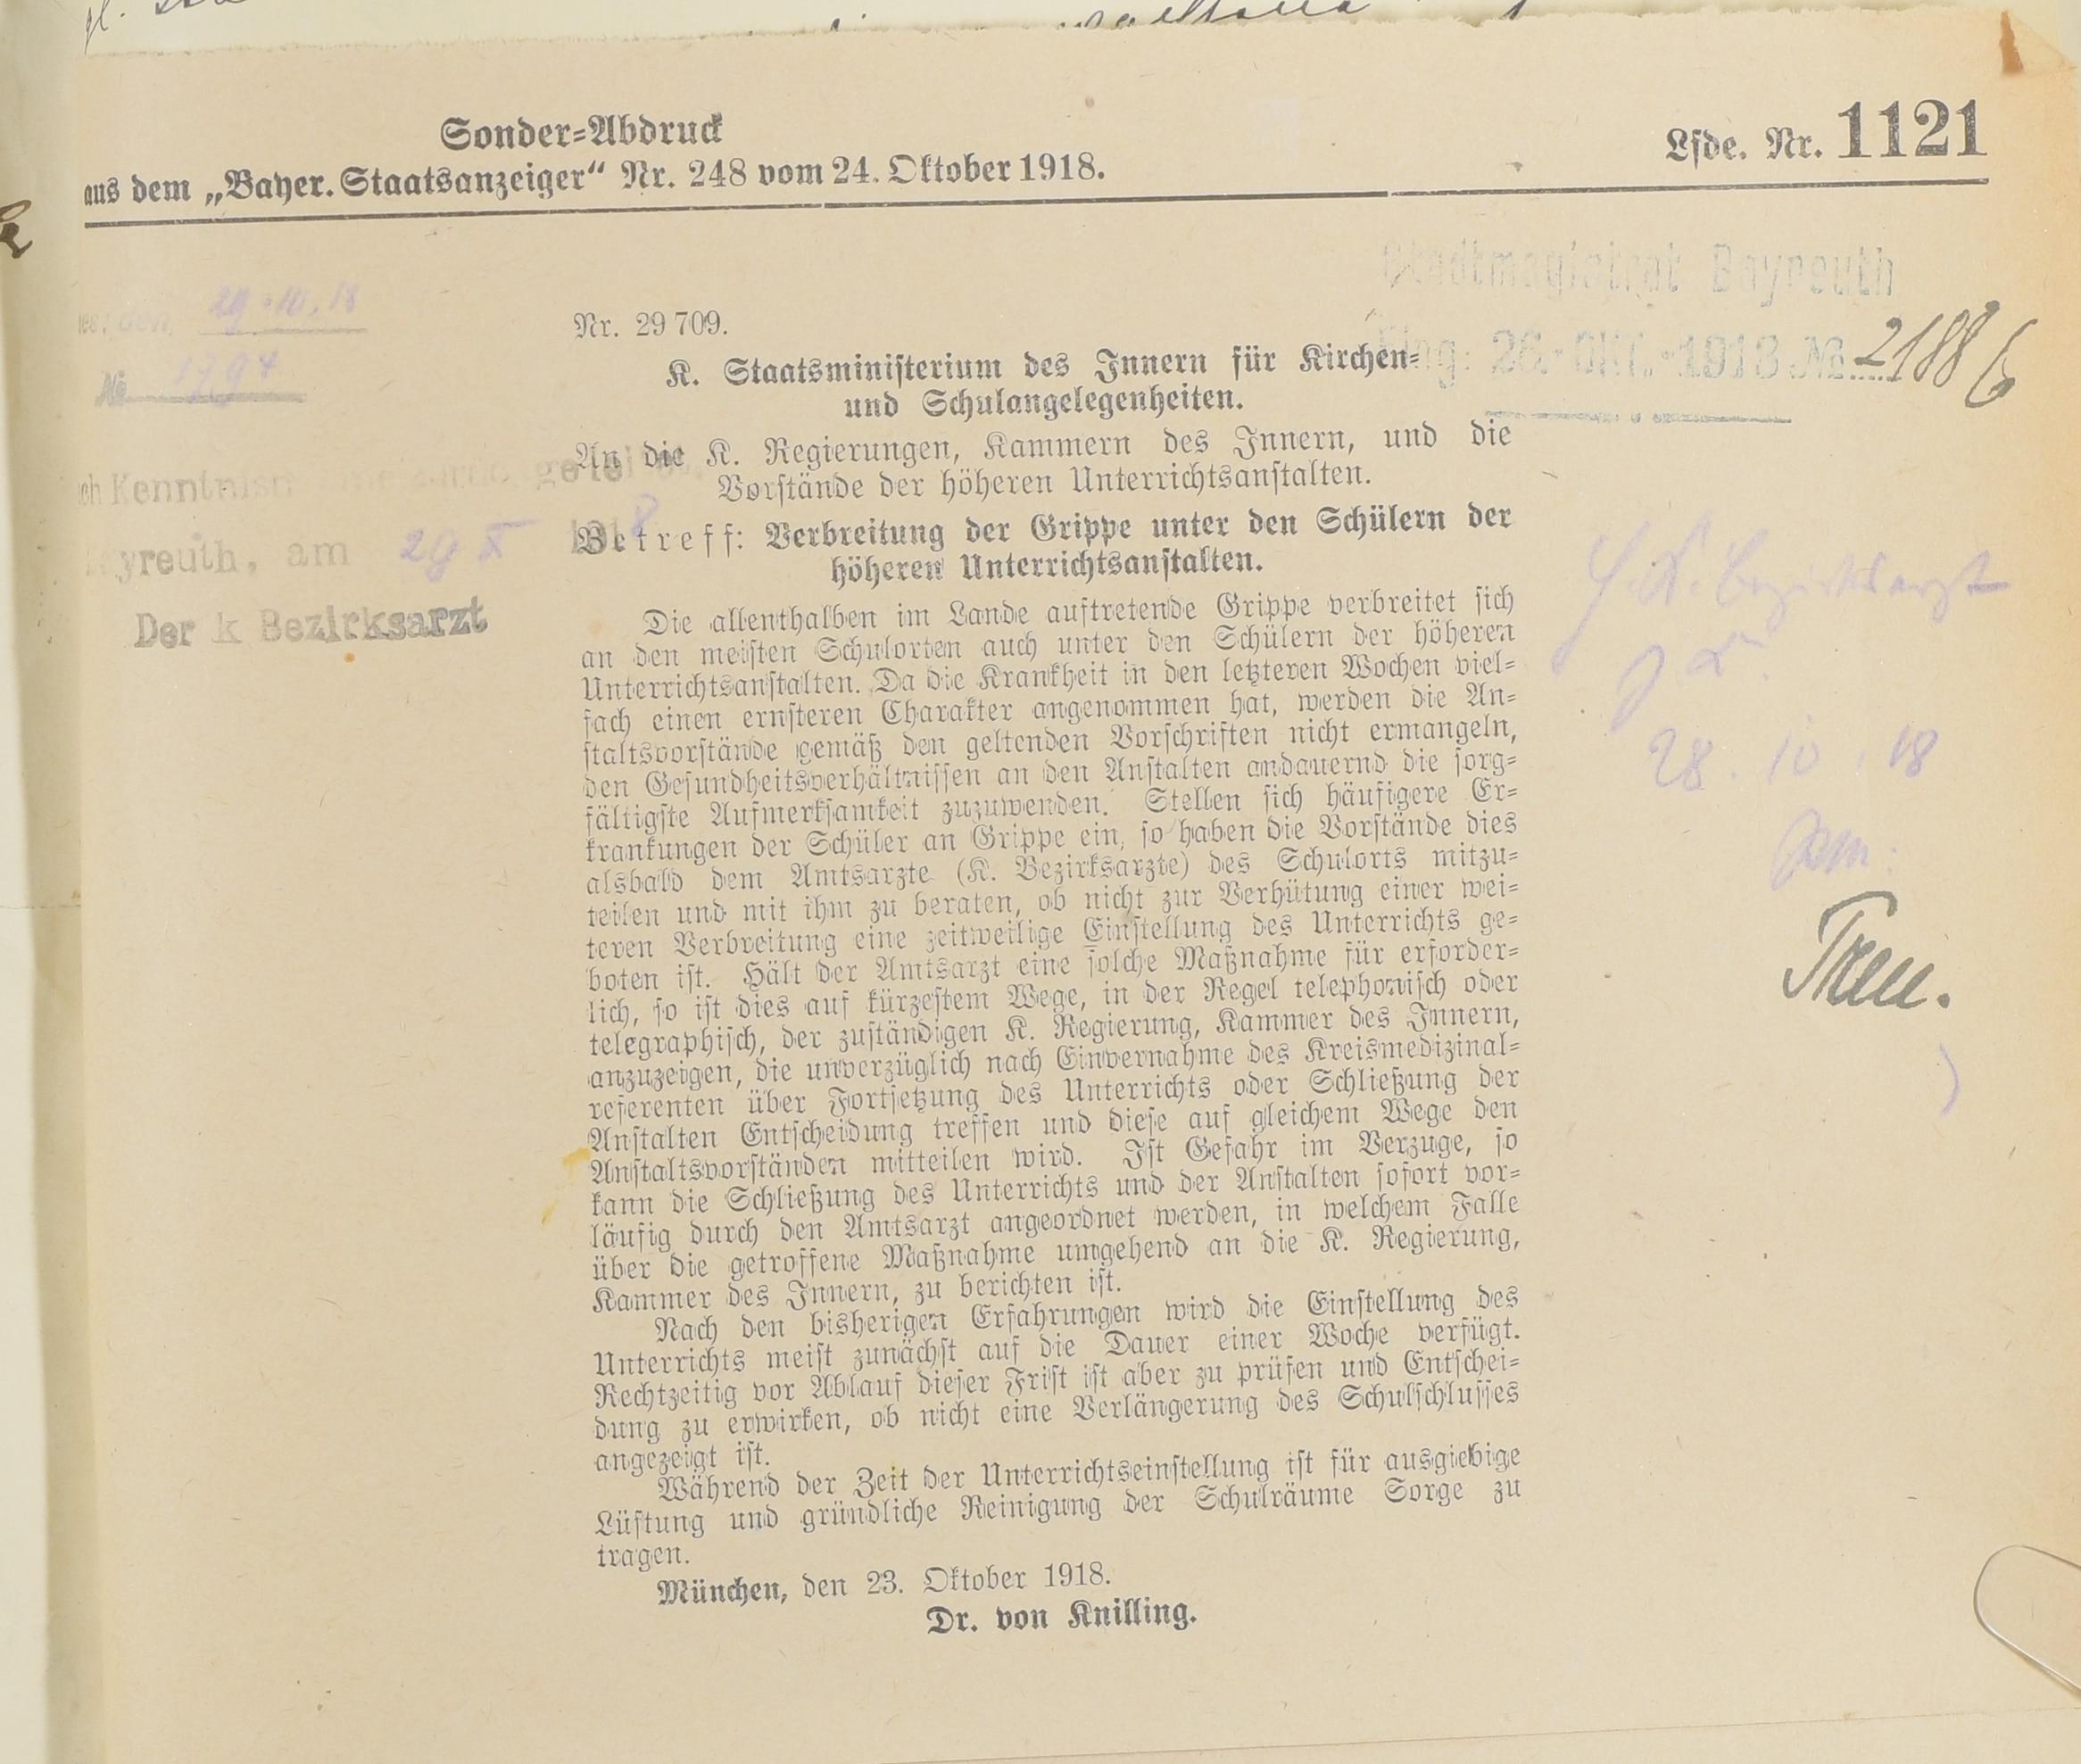 Verordnungen des K. Staatsministeriums des Innern für Kirchen- und Schulangelegenheiten vom 23. Und 24. Oktober 1918 bei Verbreitung der Grippe unter den Schülern der höheren Unterrichtsanstalten sowie unter den Volksschülern